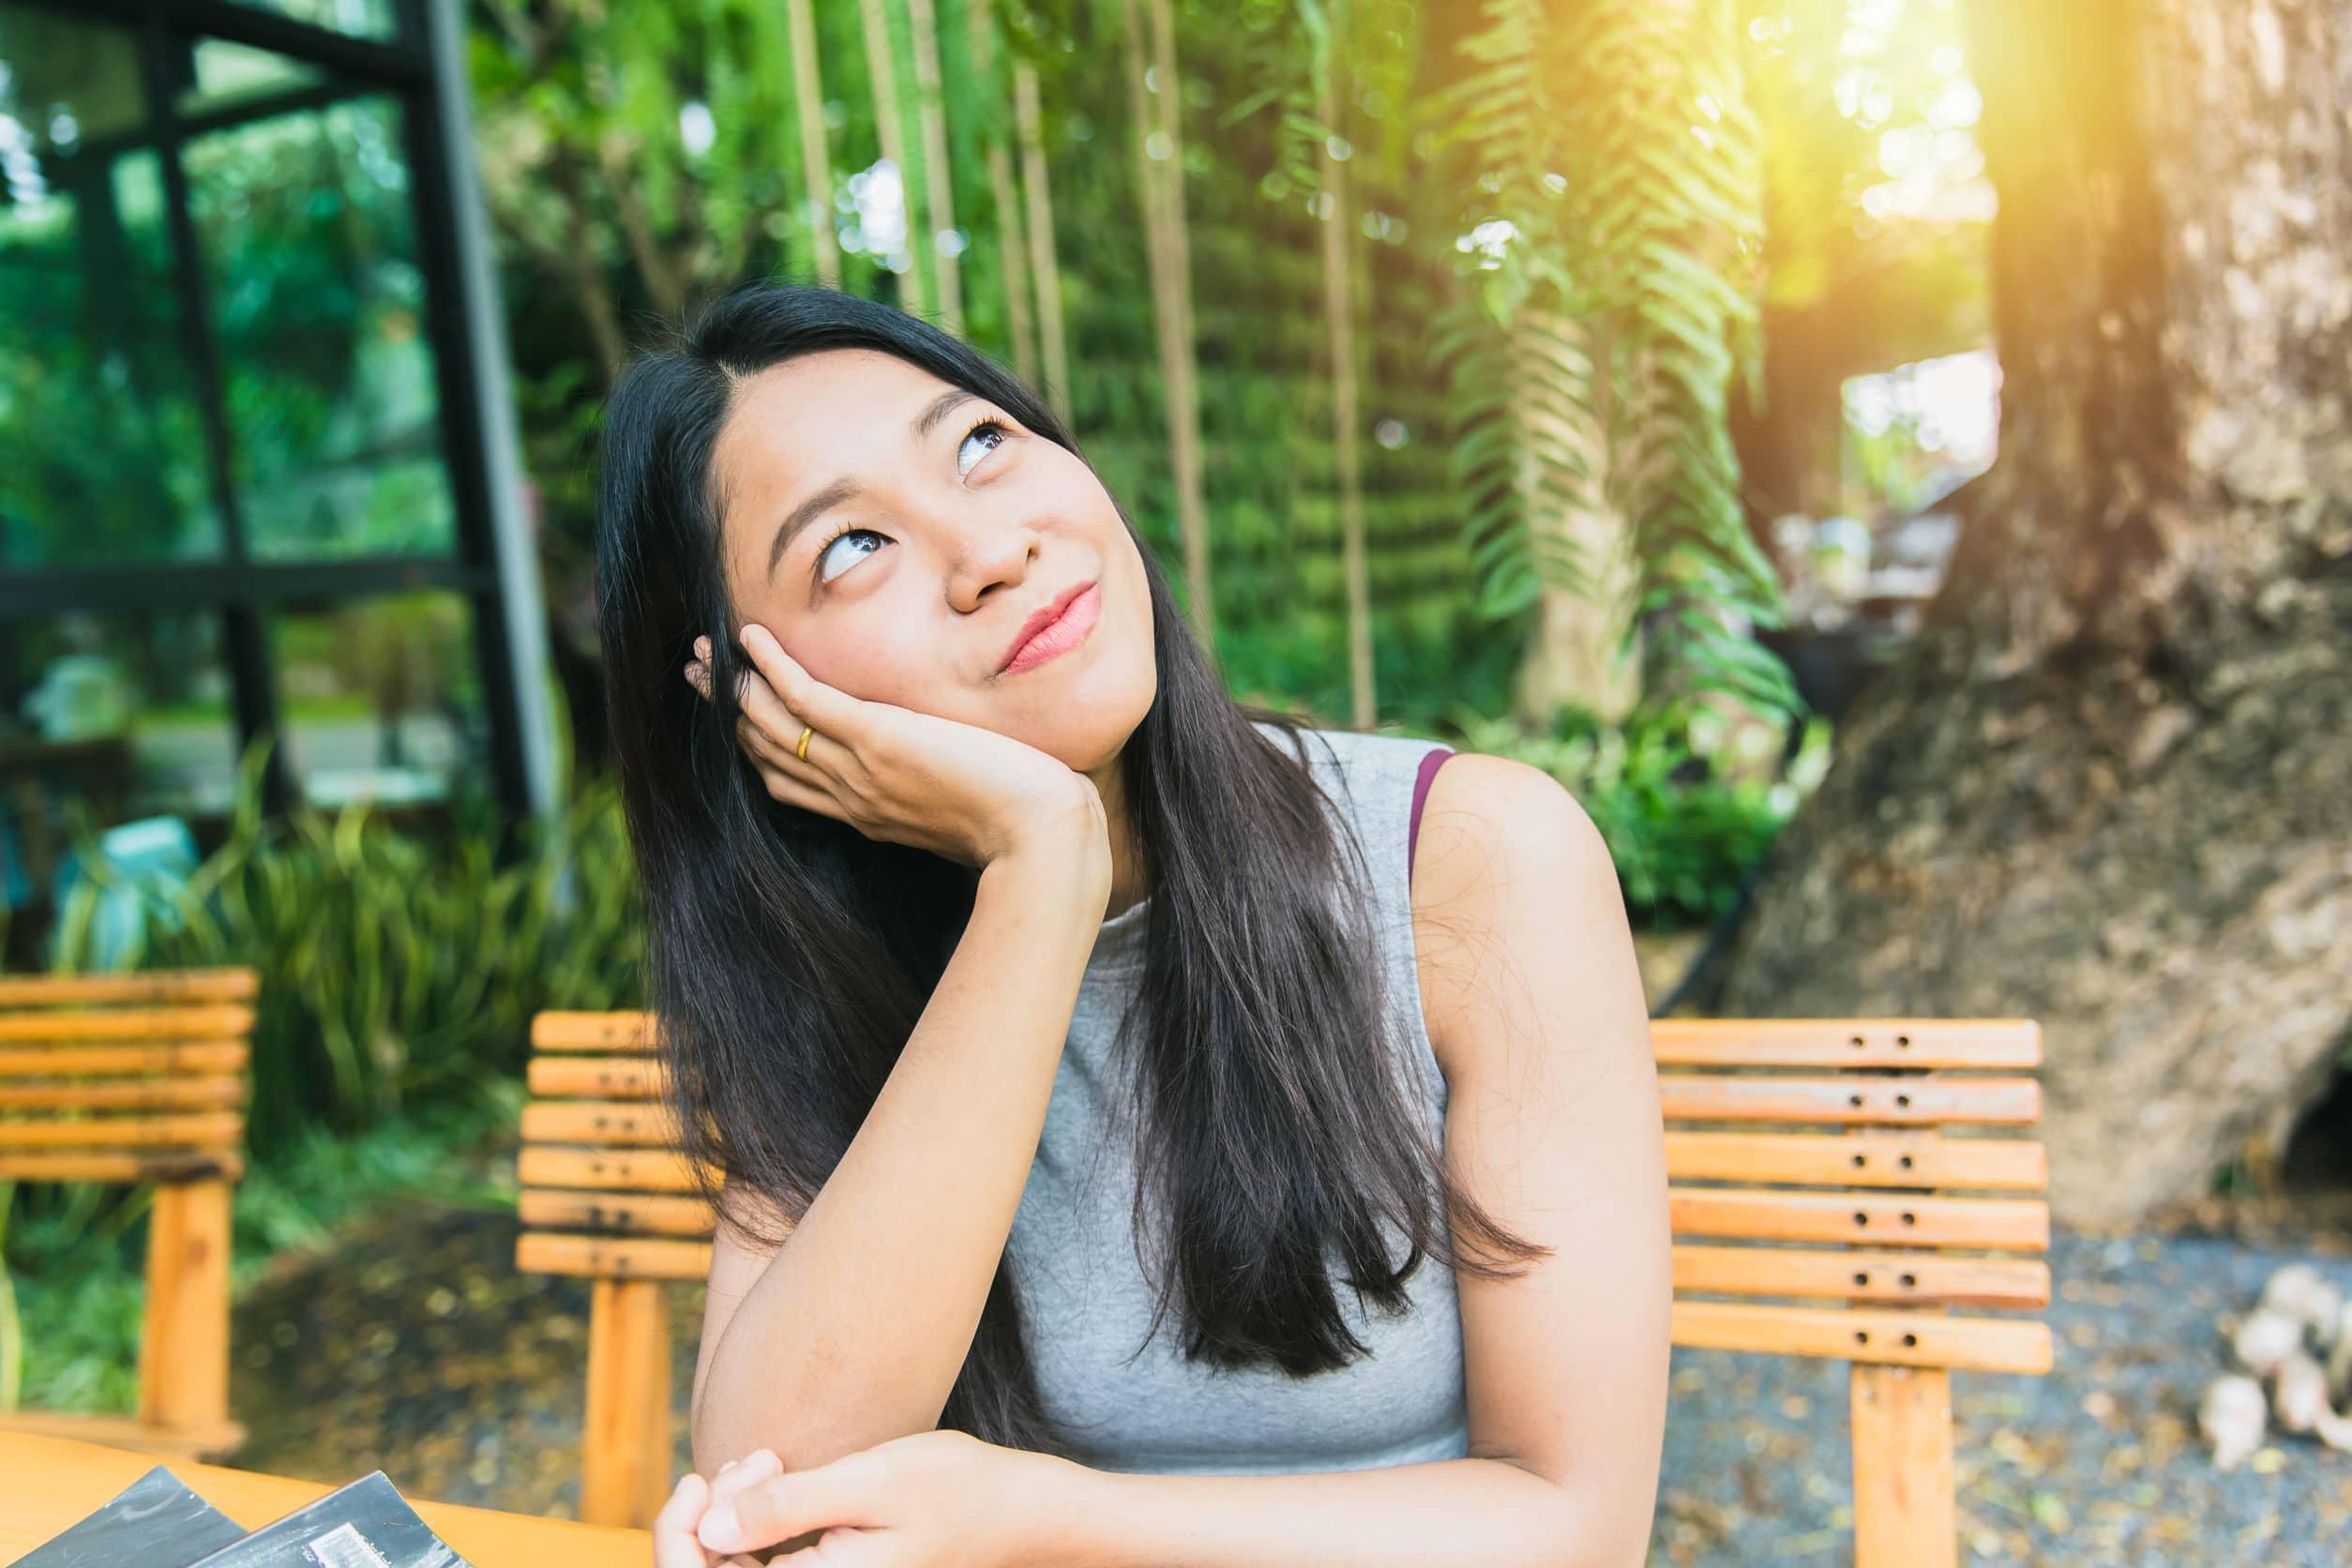 Menina asiática pensando em algo, sentindo saudade de algo. Ela apoia o rosto com a mão e olha para cima.